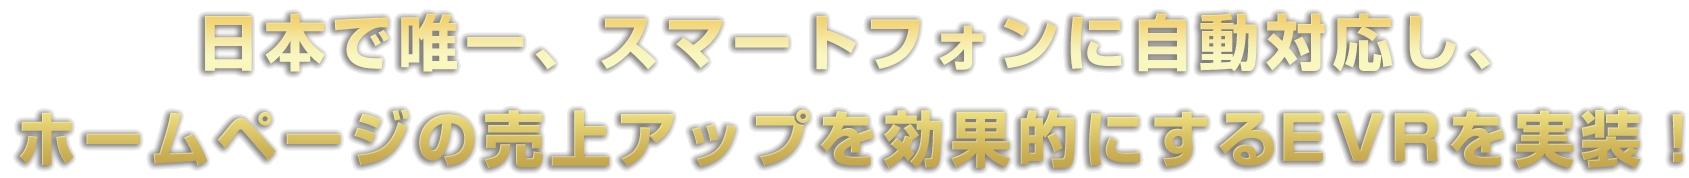 日本で唯一、スマートフォンに自動対応し、ホームページの売上げアップを効果的にするeVRを実現